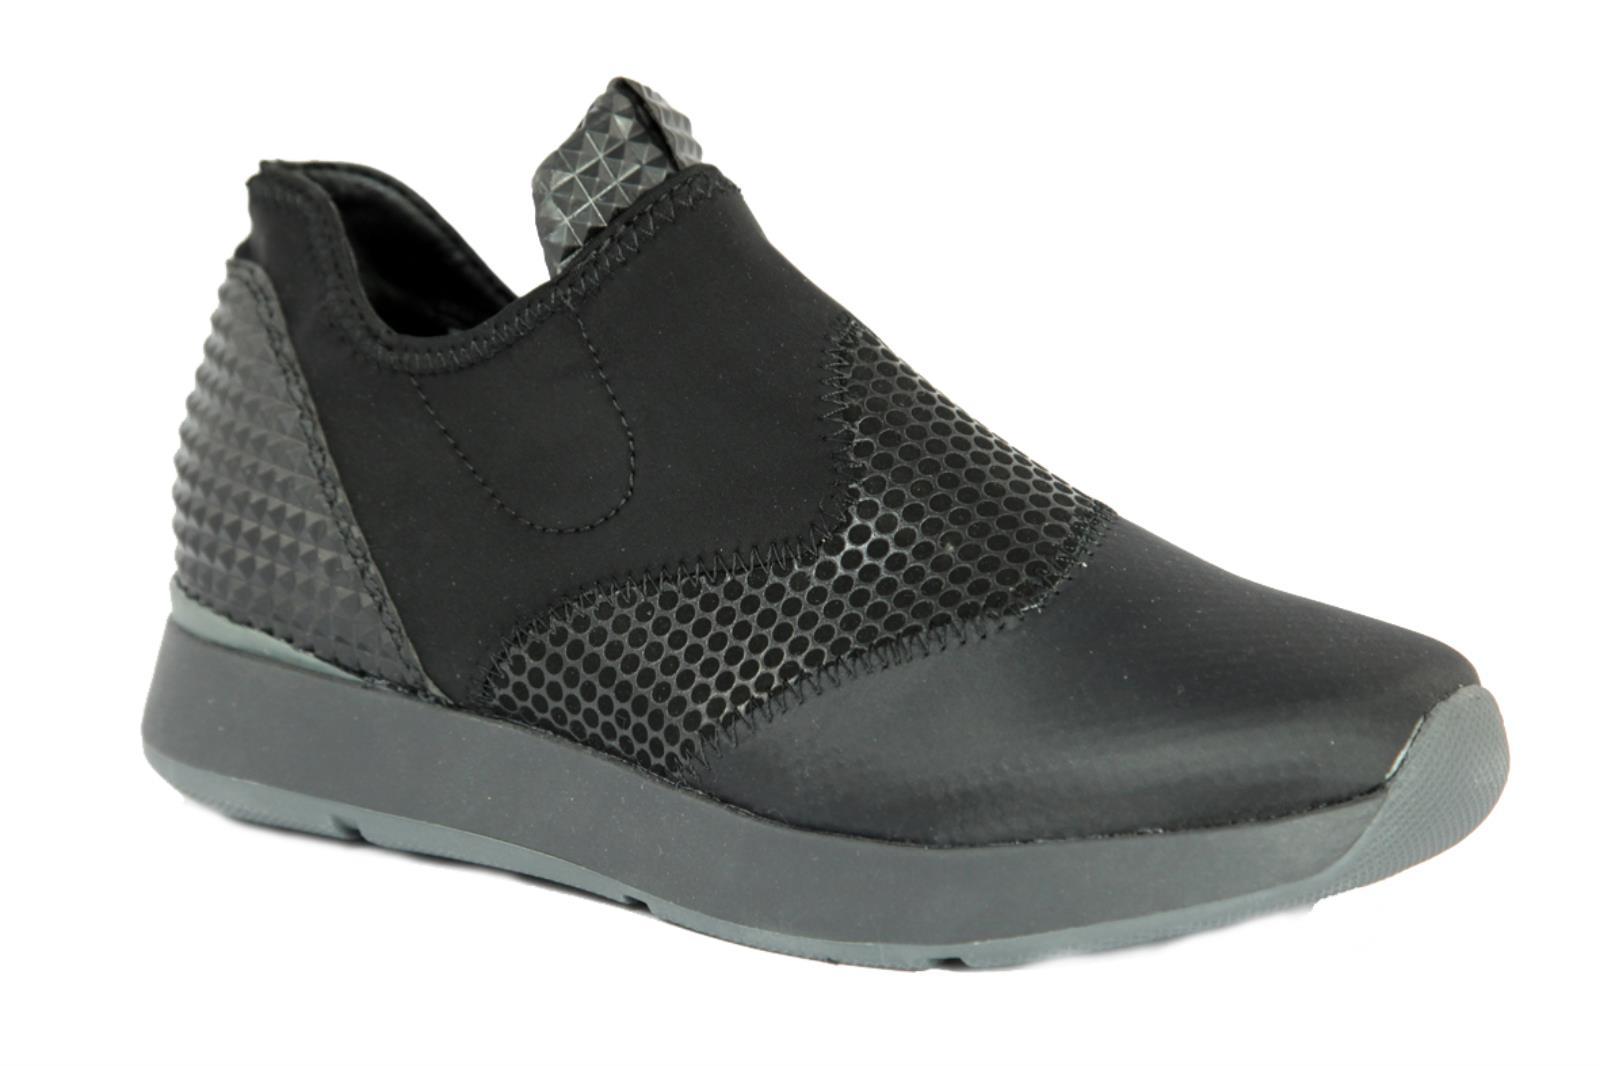 Schuhe Nylon Damenschuhe  LUMBERJACK  NERO NERO  538213